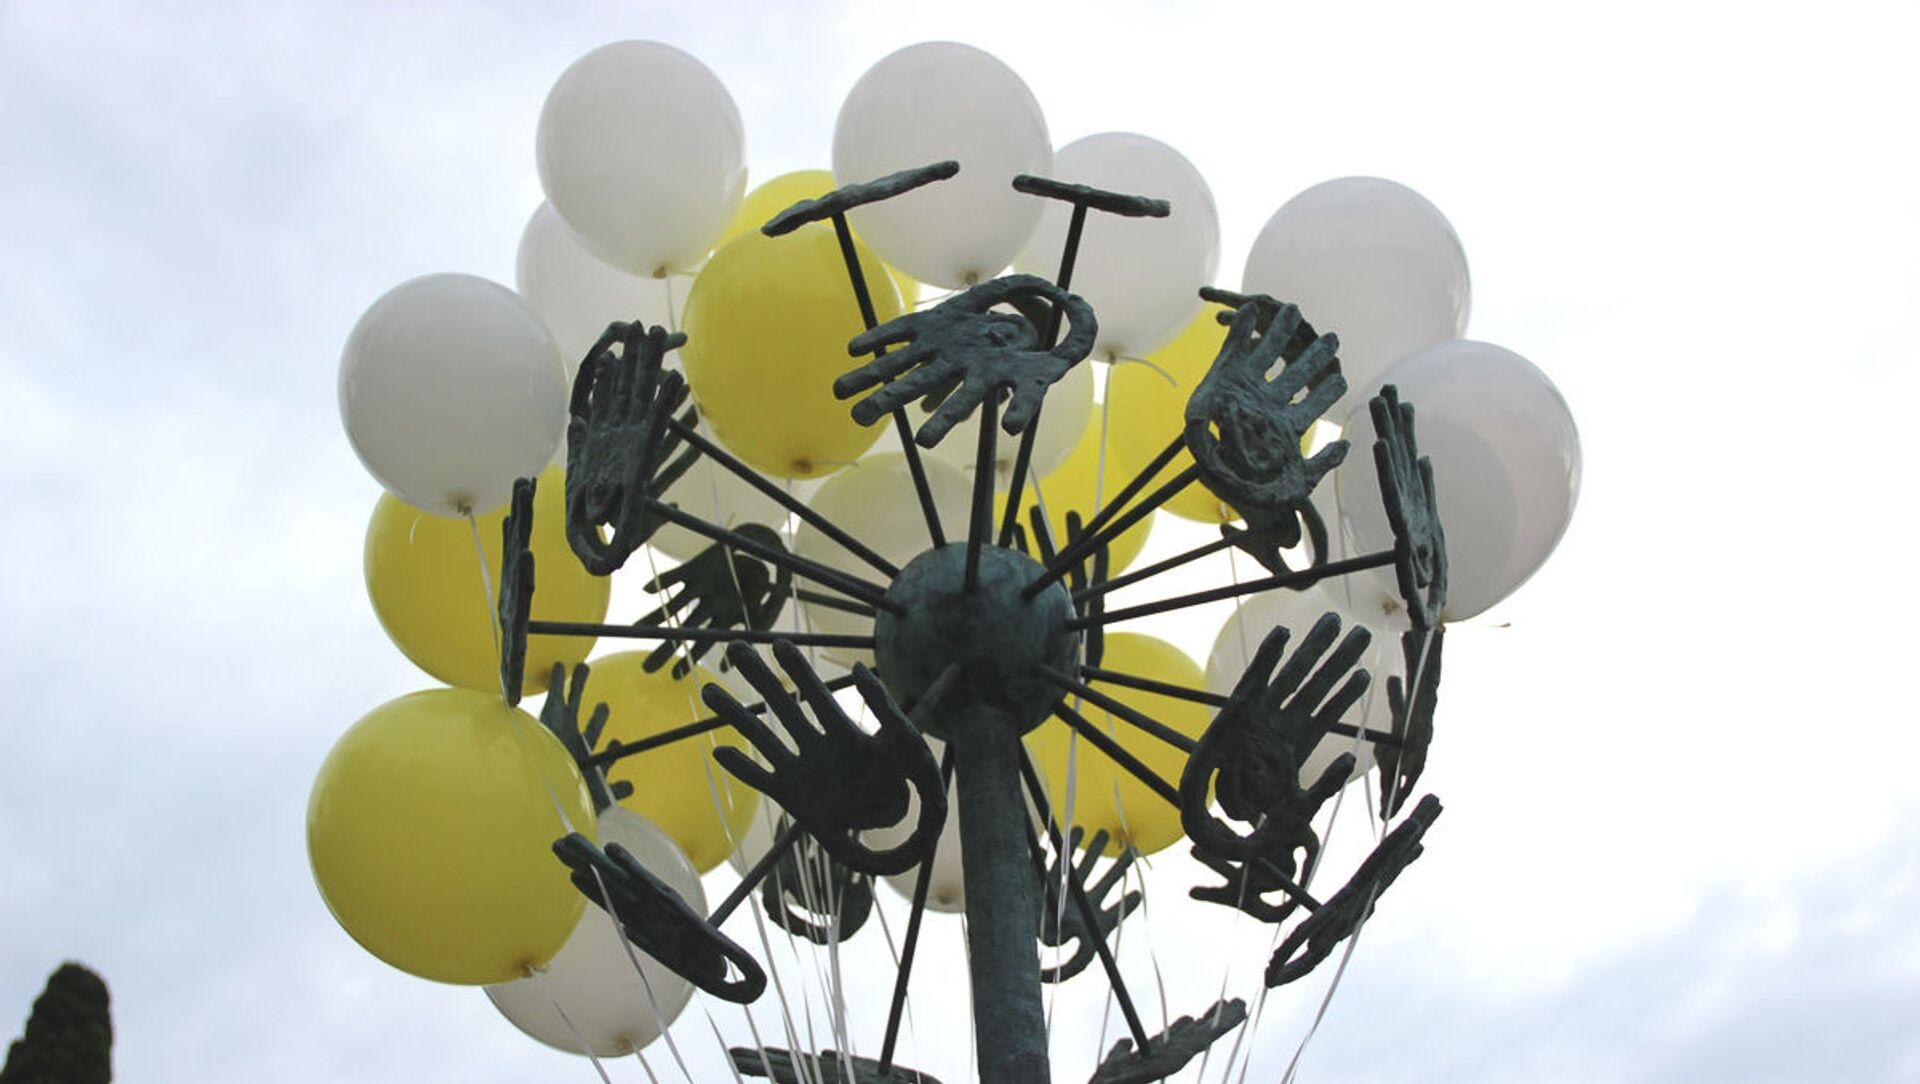 В Сухуме открыли скульптуру символу мира и доброты «Одуванчик» - Sputnik Абхазия, 1920, 01.10.2021